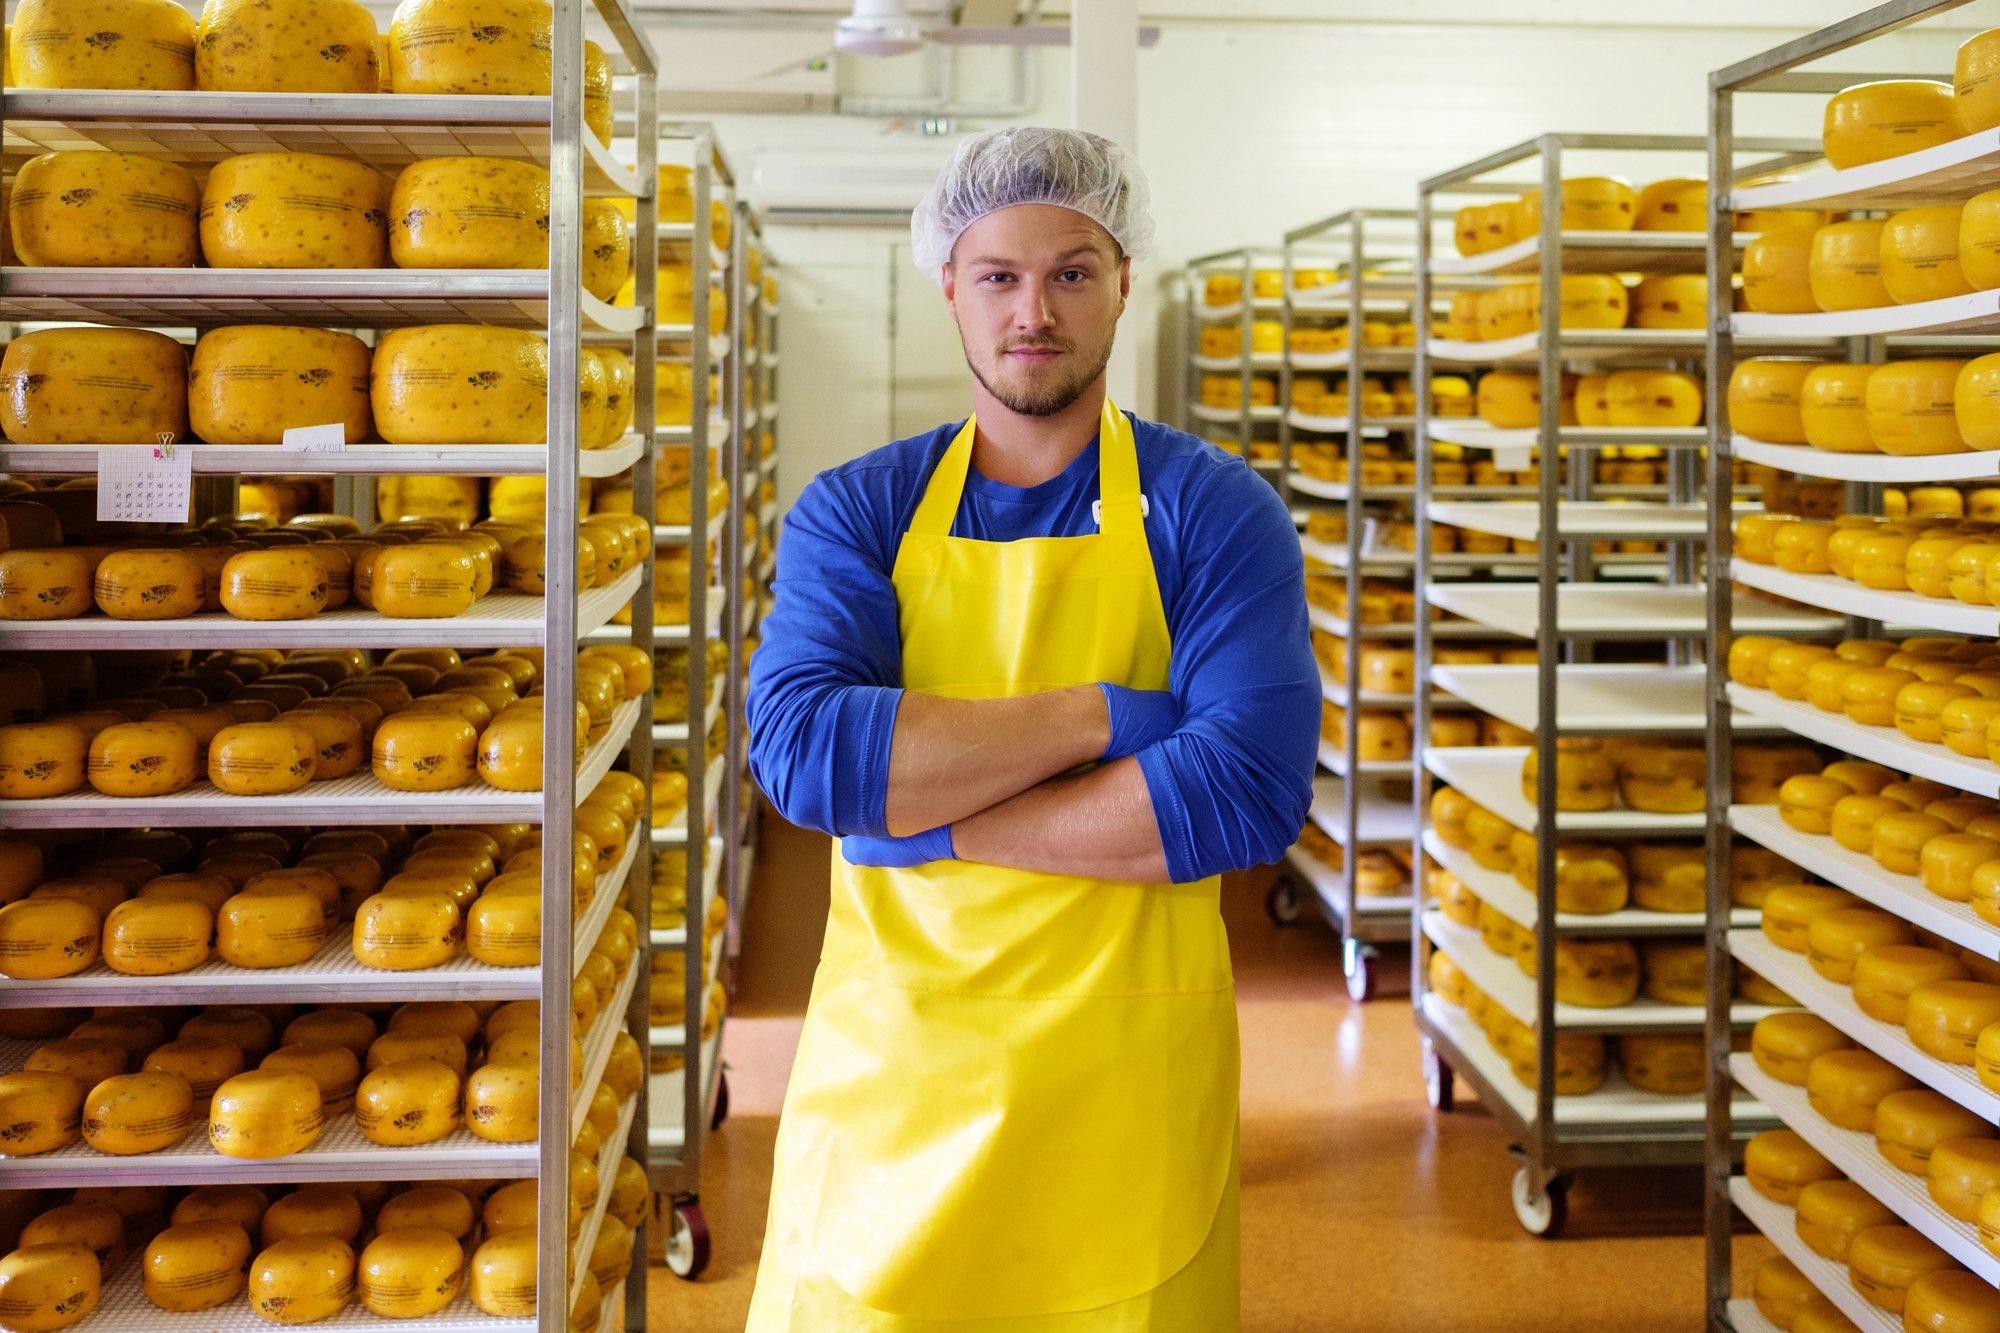 depositphotos 152887144 l 2015.jpg?resize=648,365 - Vous aimez le fromage? Cette compagnie cherche à vous recruter!